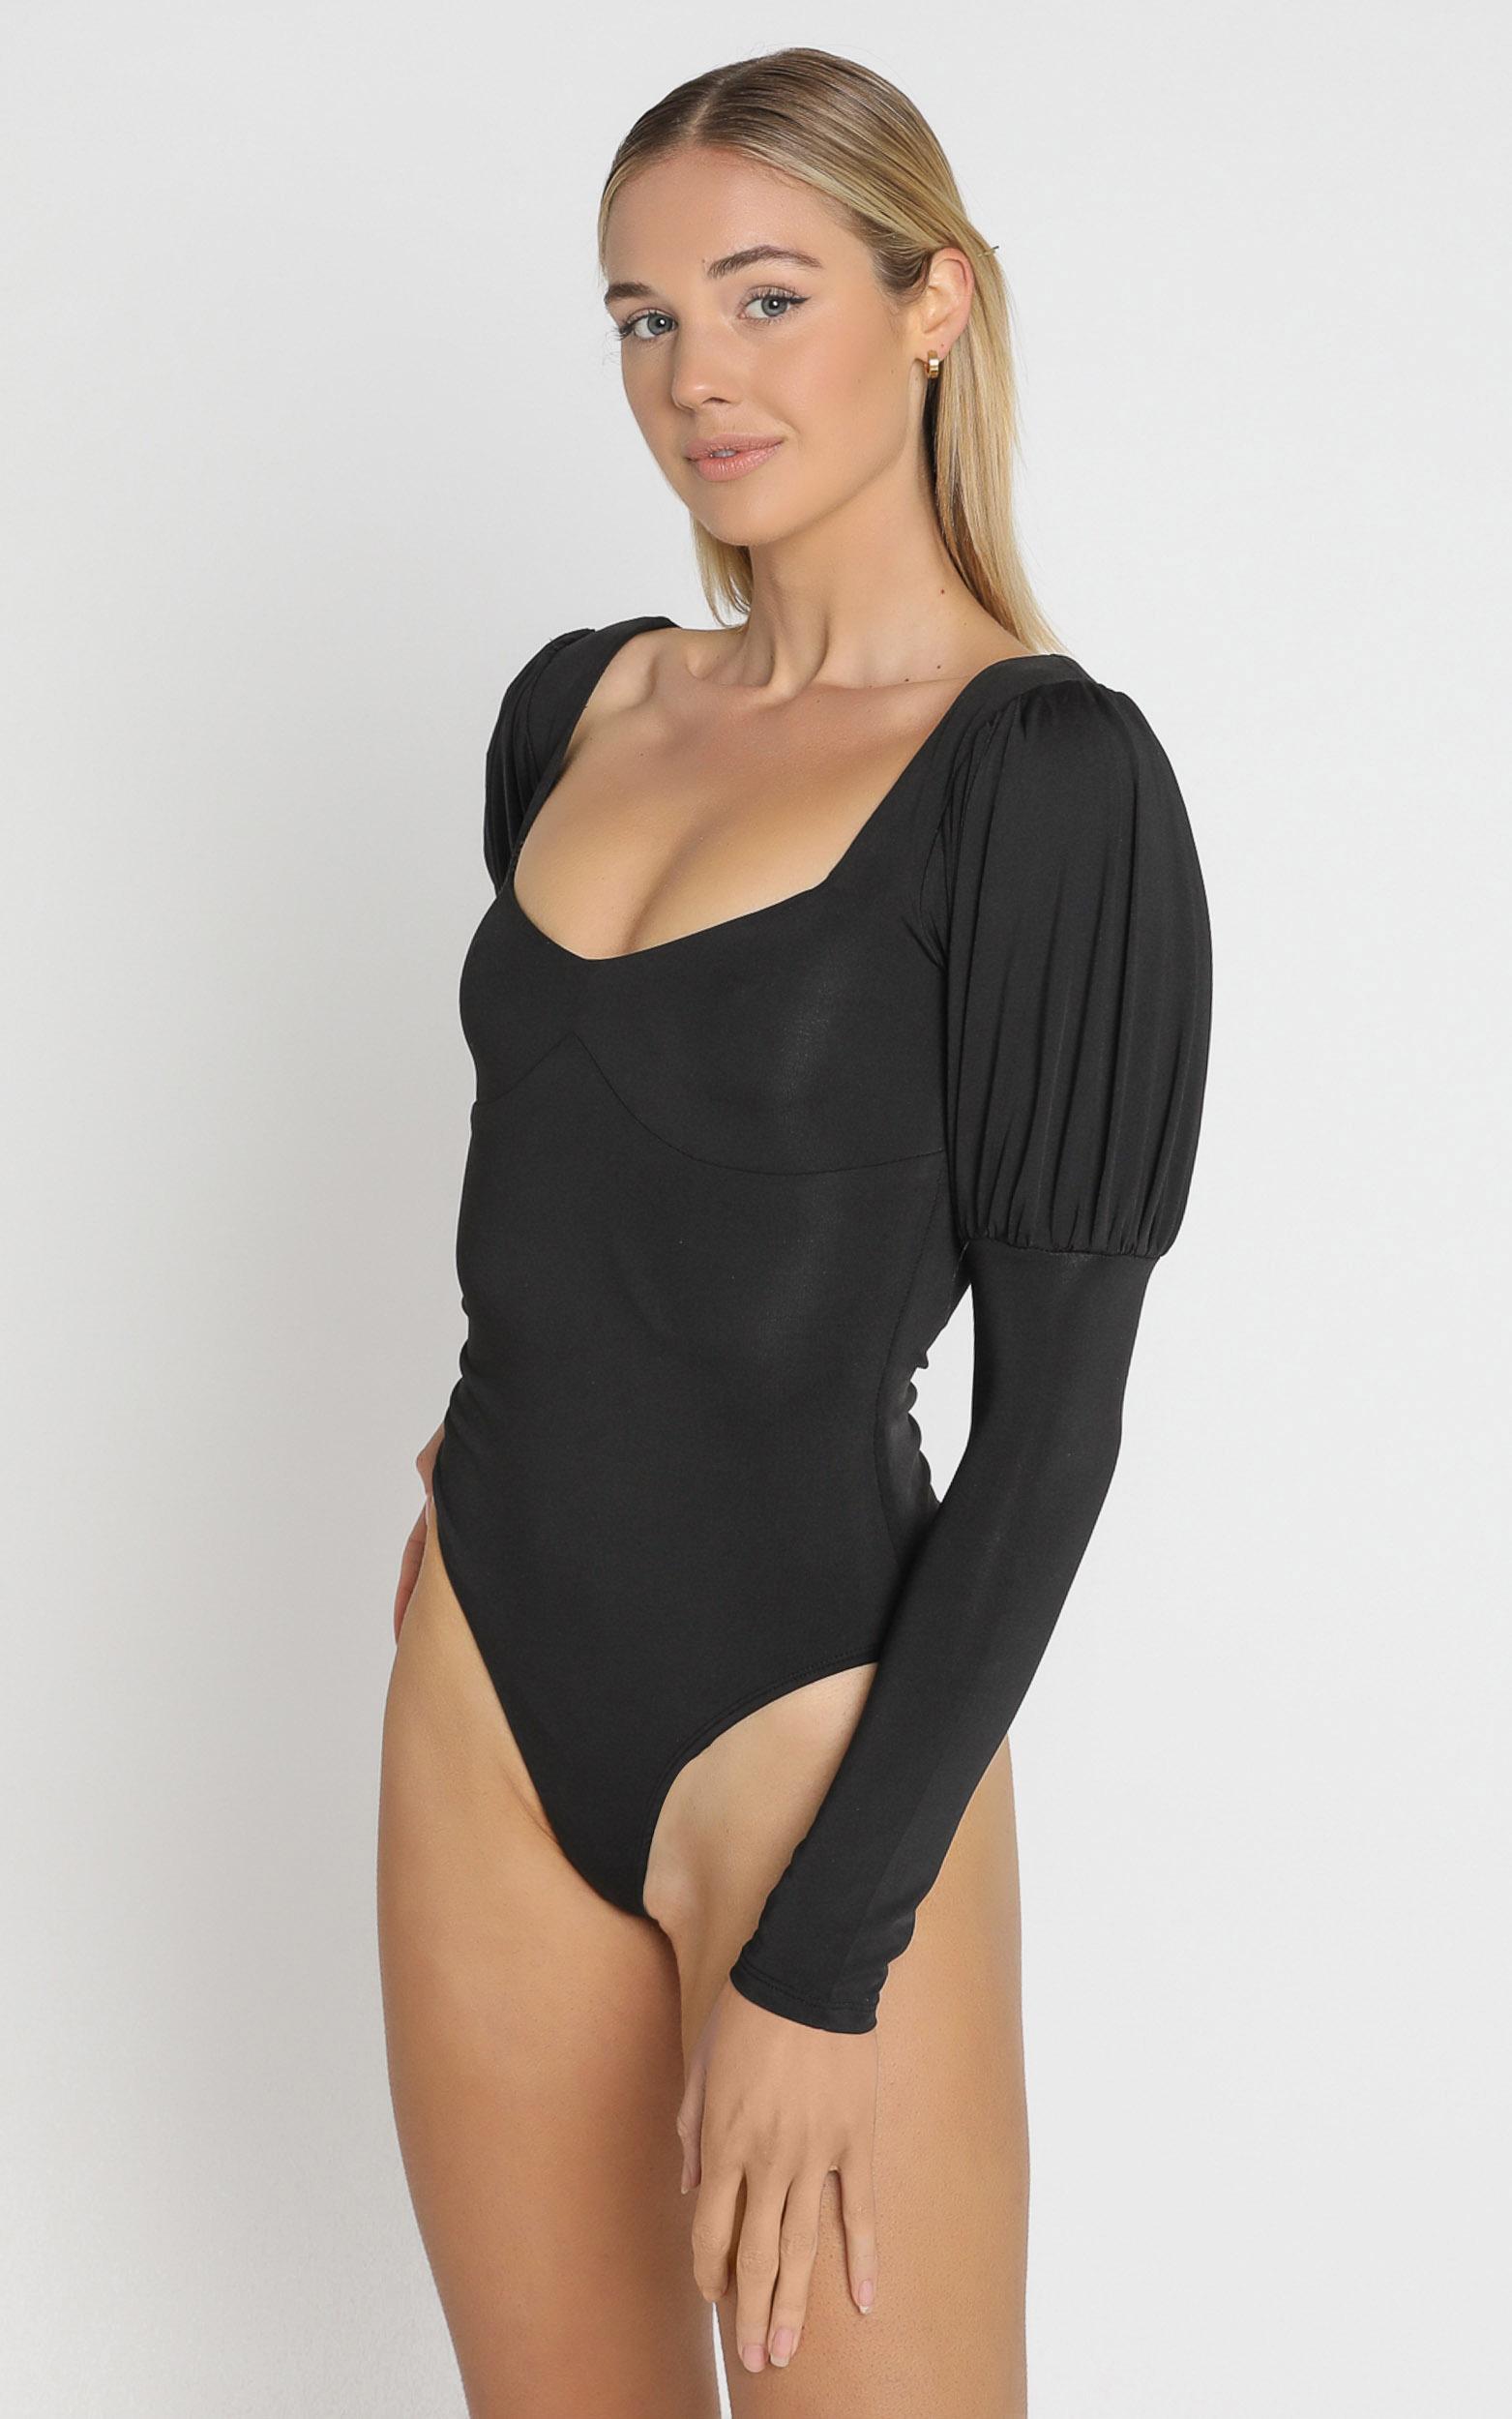 Adana Bodysuit in Black - 6 (XS), Black, hi-res image number null